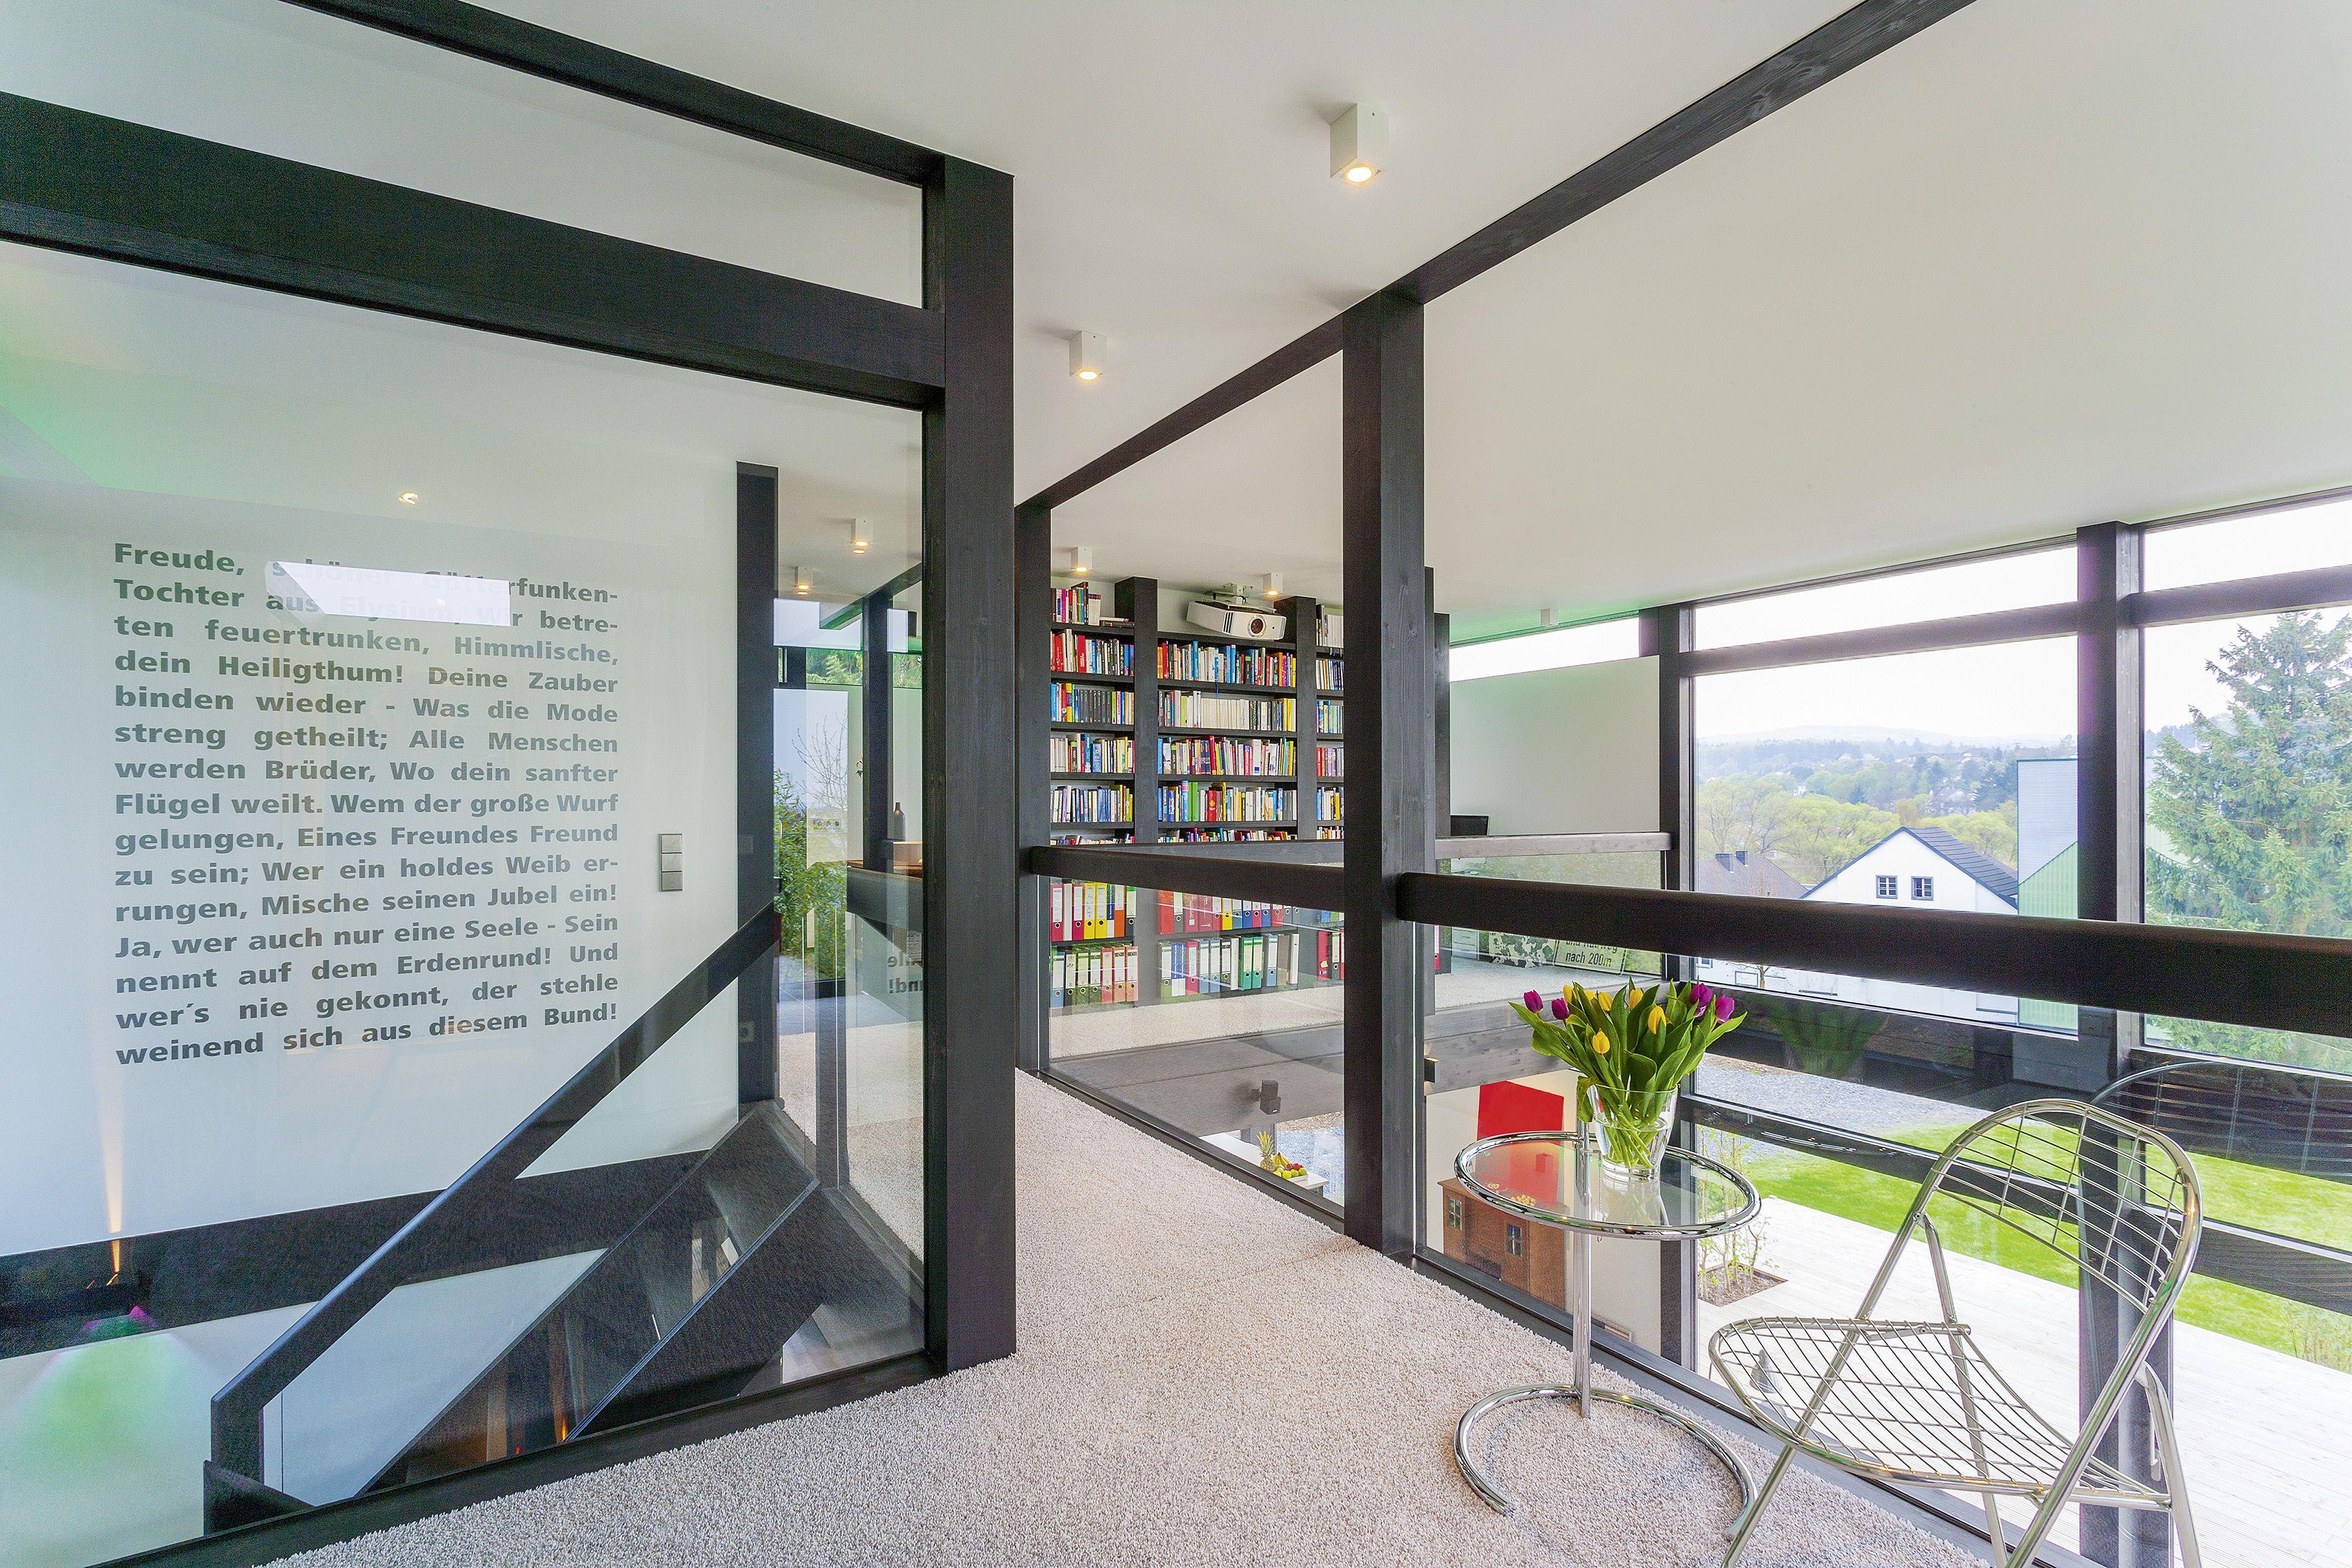 Stehle Wohnzimmer großzügige galerie im huf haus modum huf haus modum mit flachdach